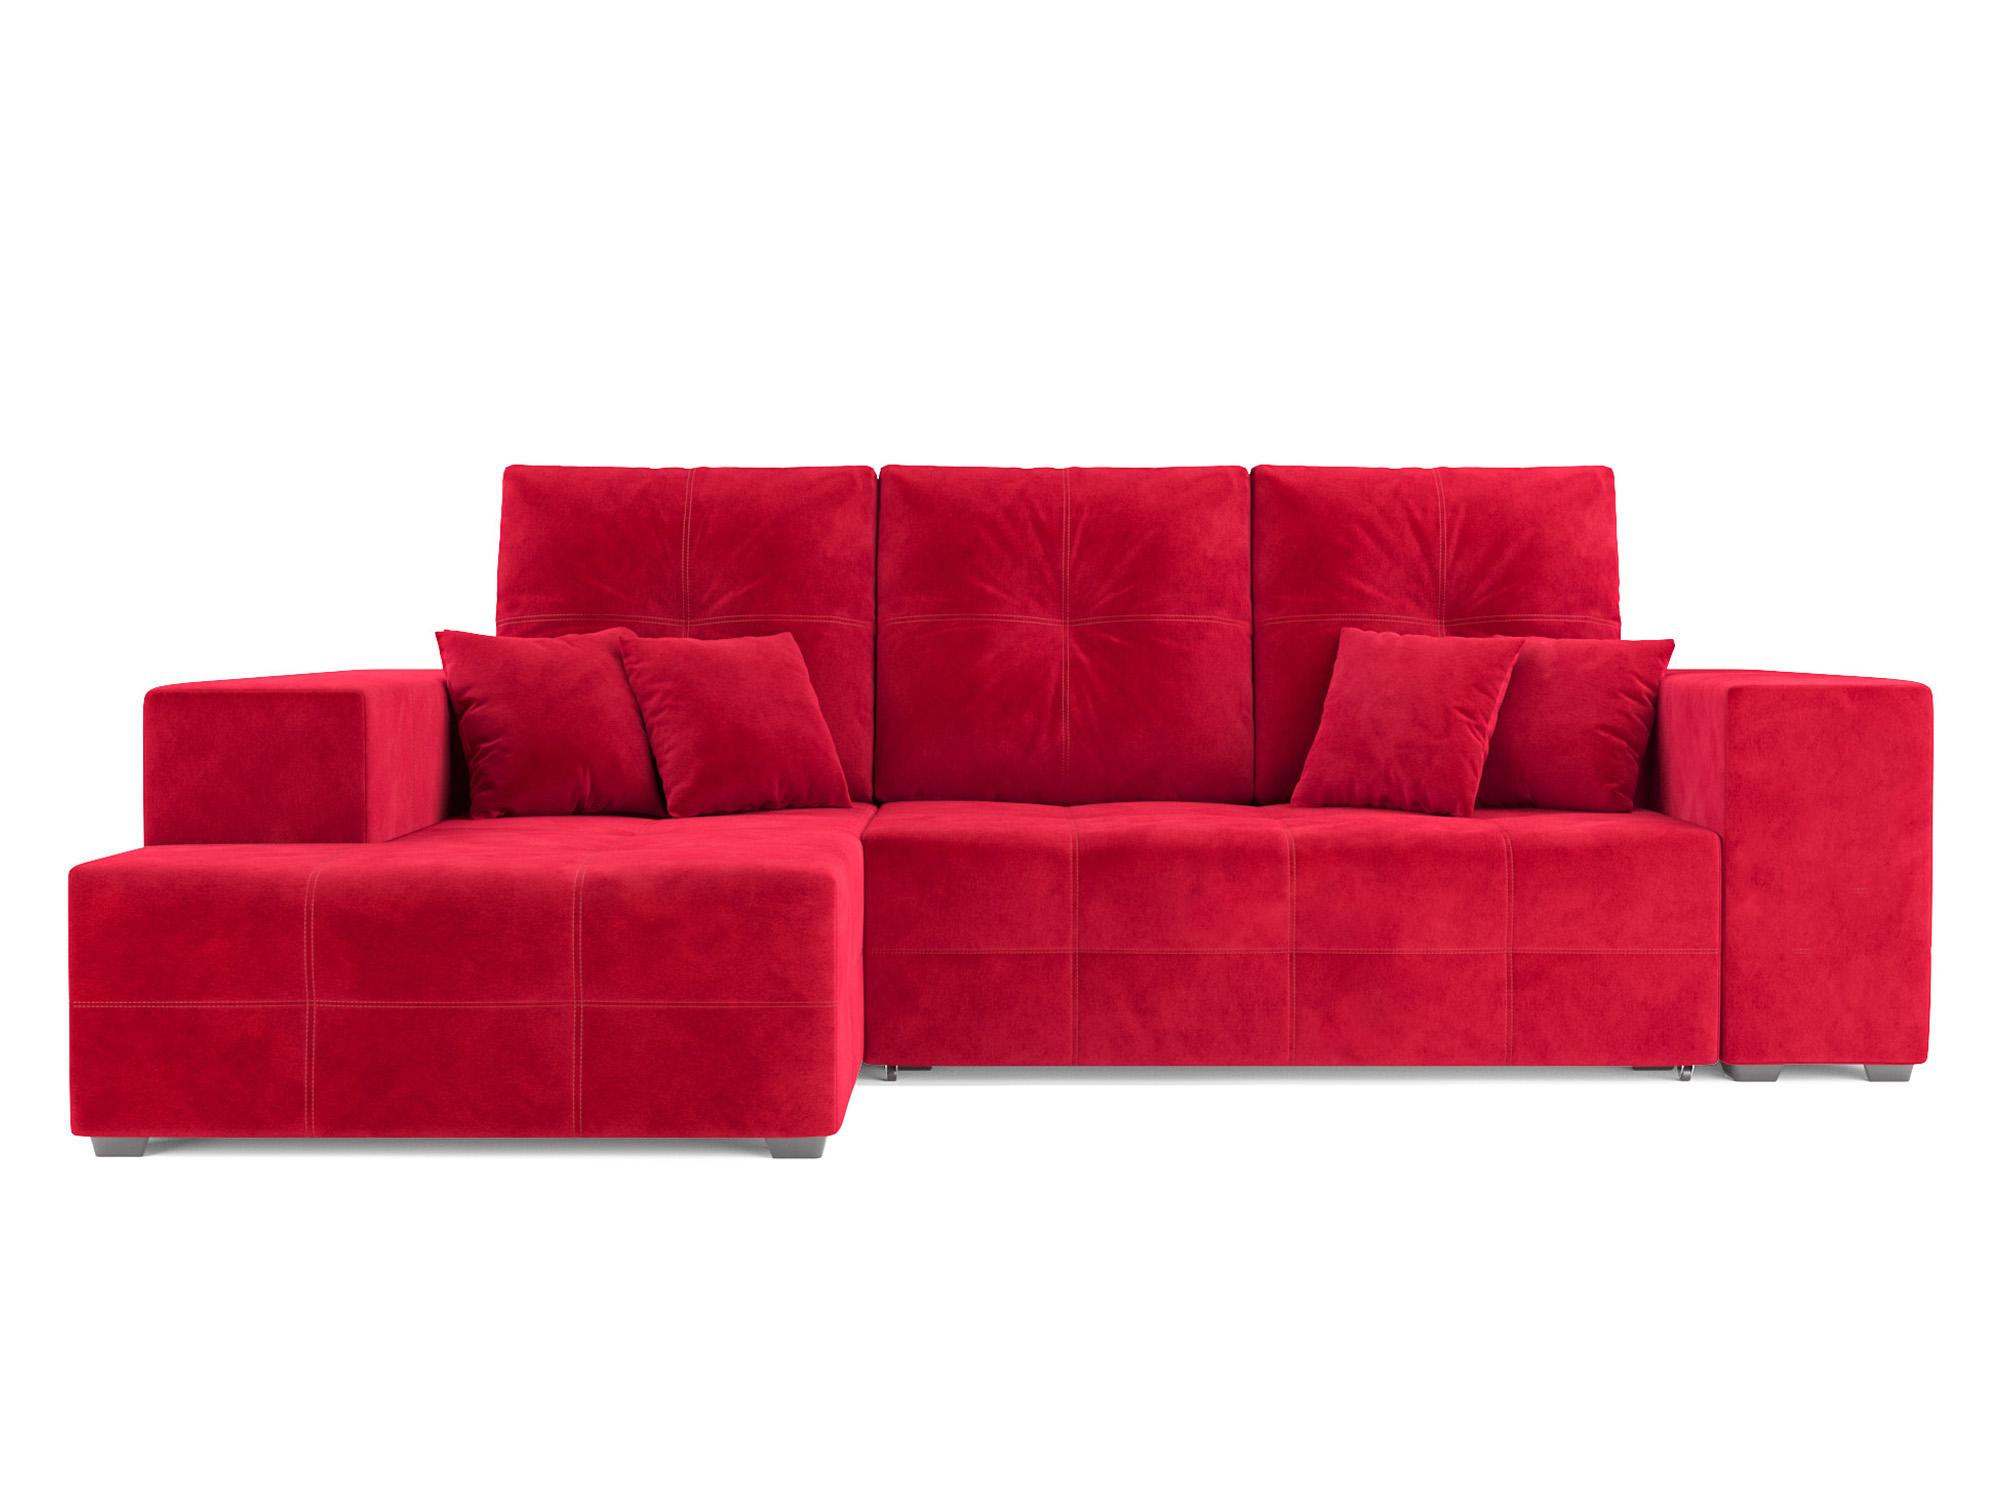 Угловой диван Монреаль Левый угол MebelVia Красный, Микровельвет Красный